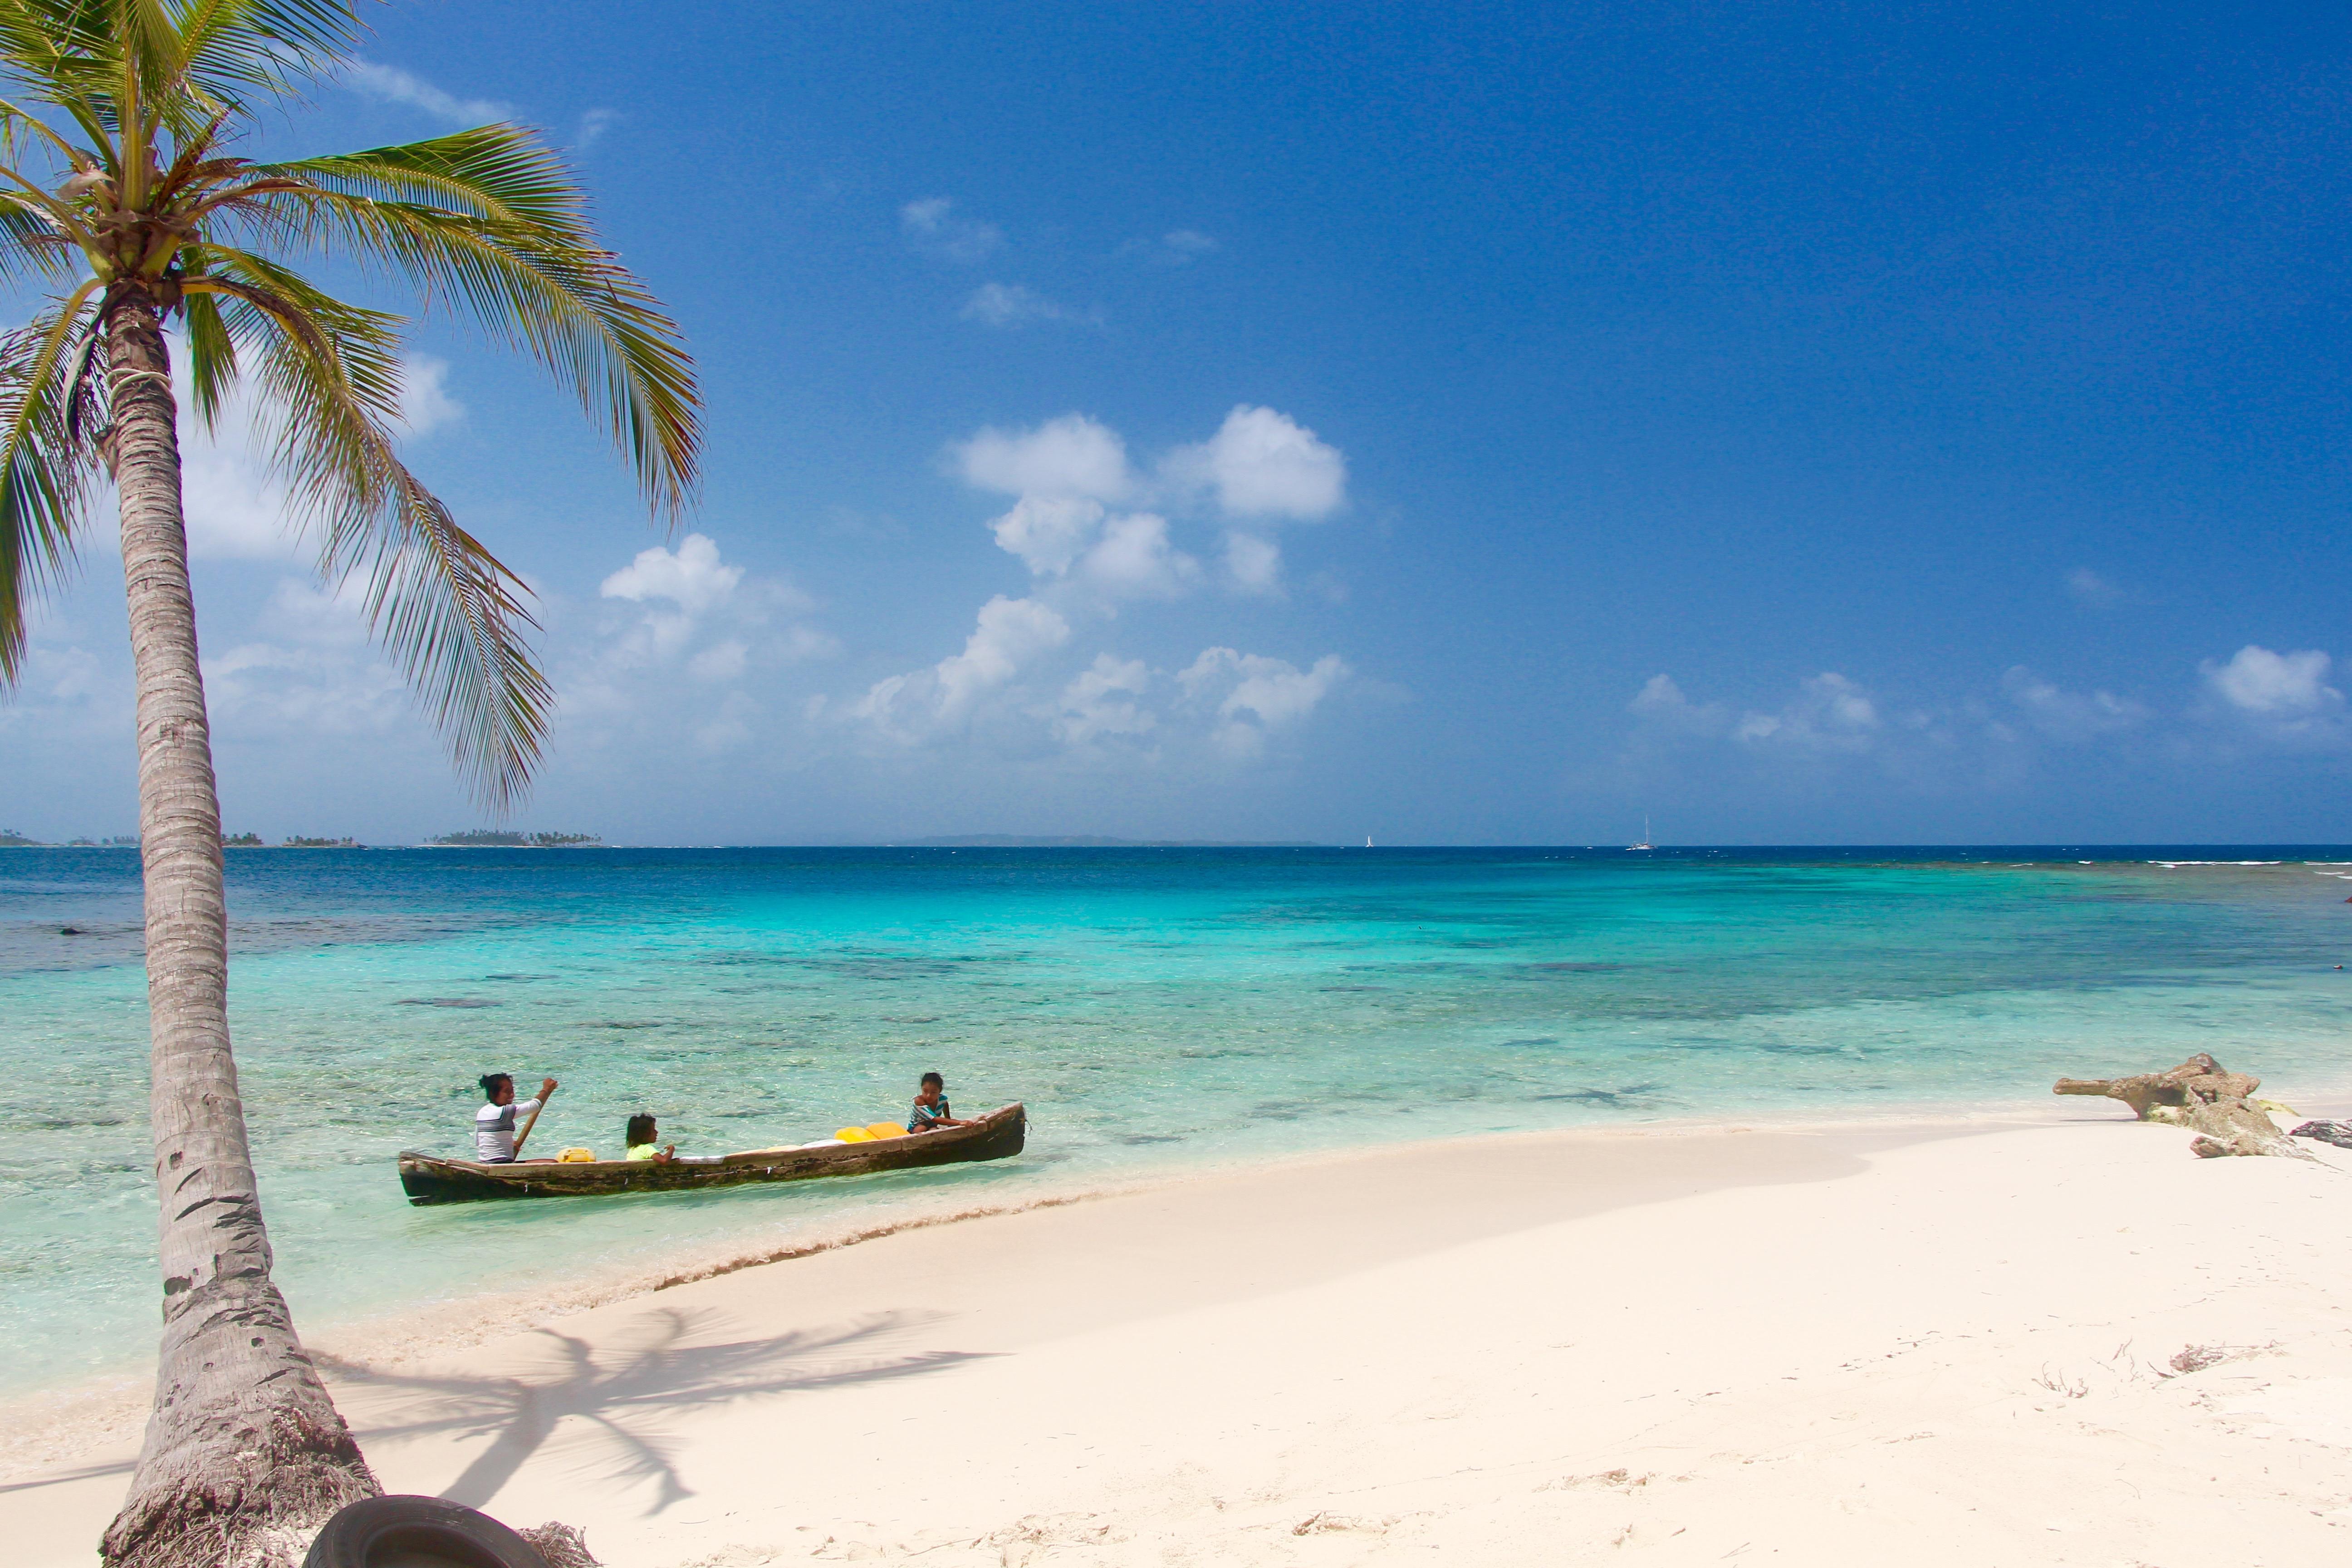 viaggio di gruppo ai caraibi